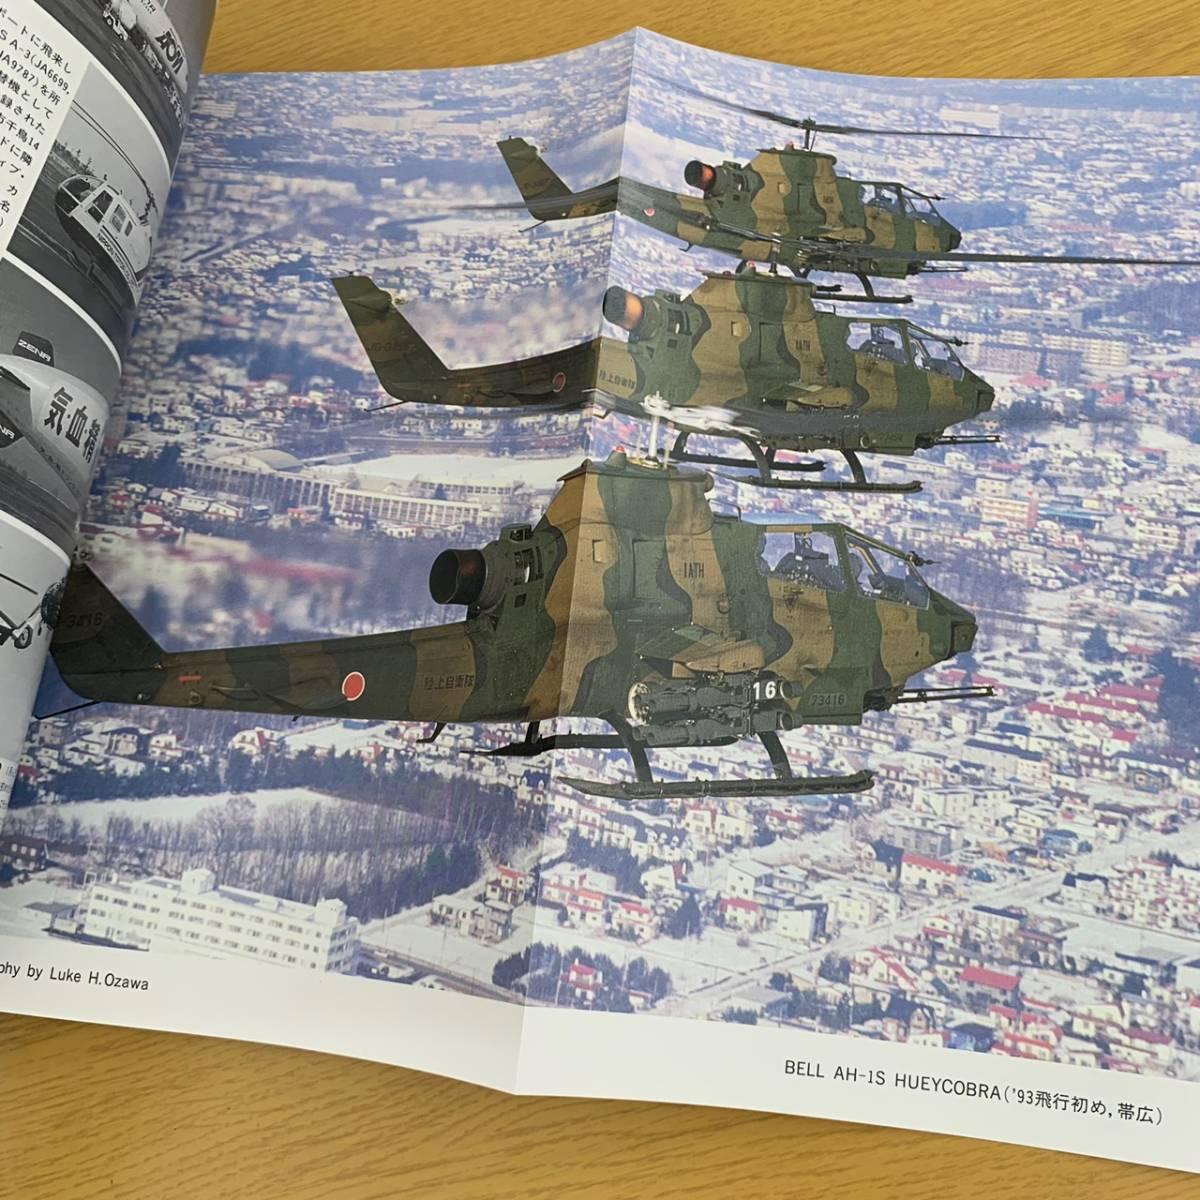 190305◇Z2【航空】航空情報 1993年4月号 No.583 自衛隊特集/PKO/超大型機戦線 空撮:F-15J MH-53E掃海訓練 酣燈社_画像3